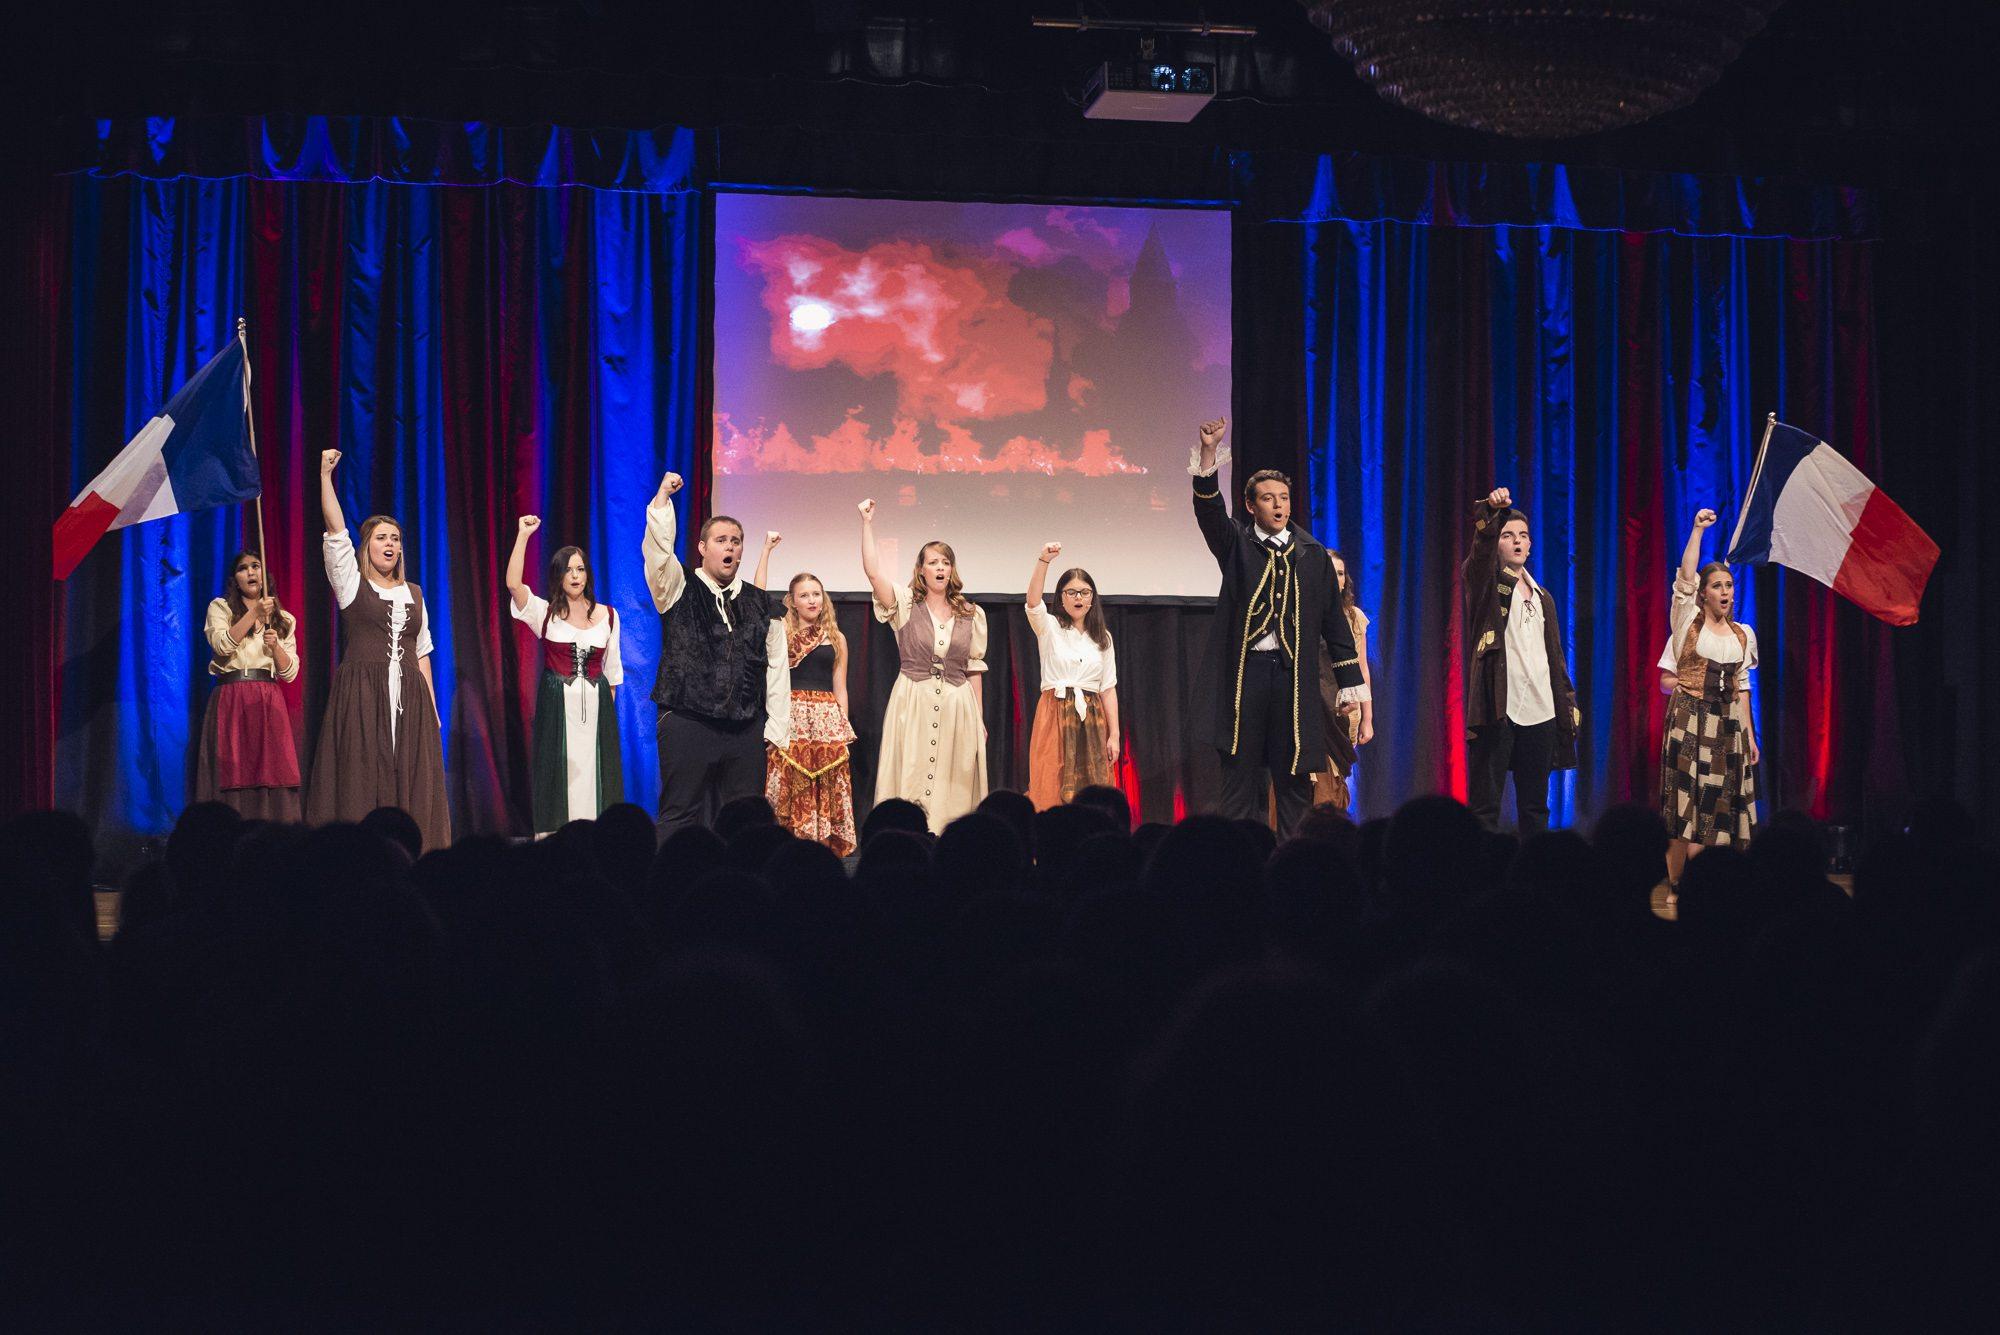 Verschoben! Musical Project Live in Nonnweiler